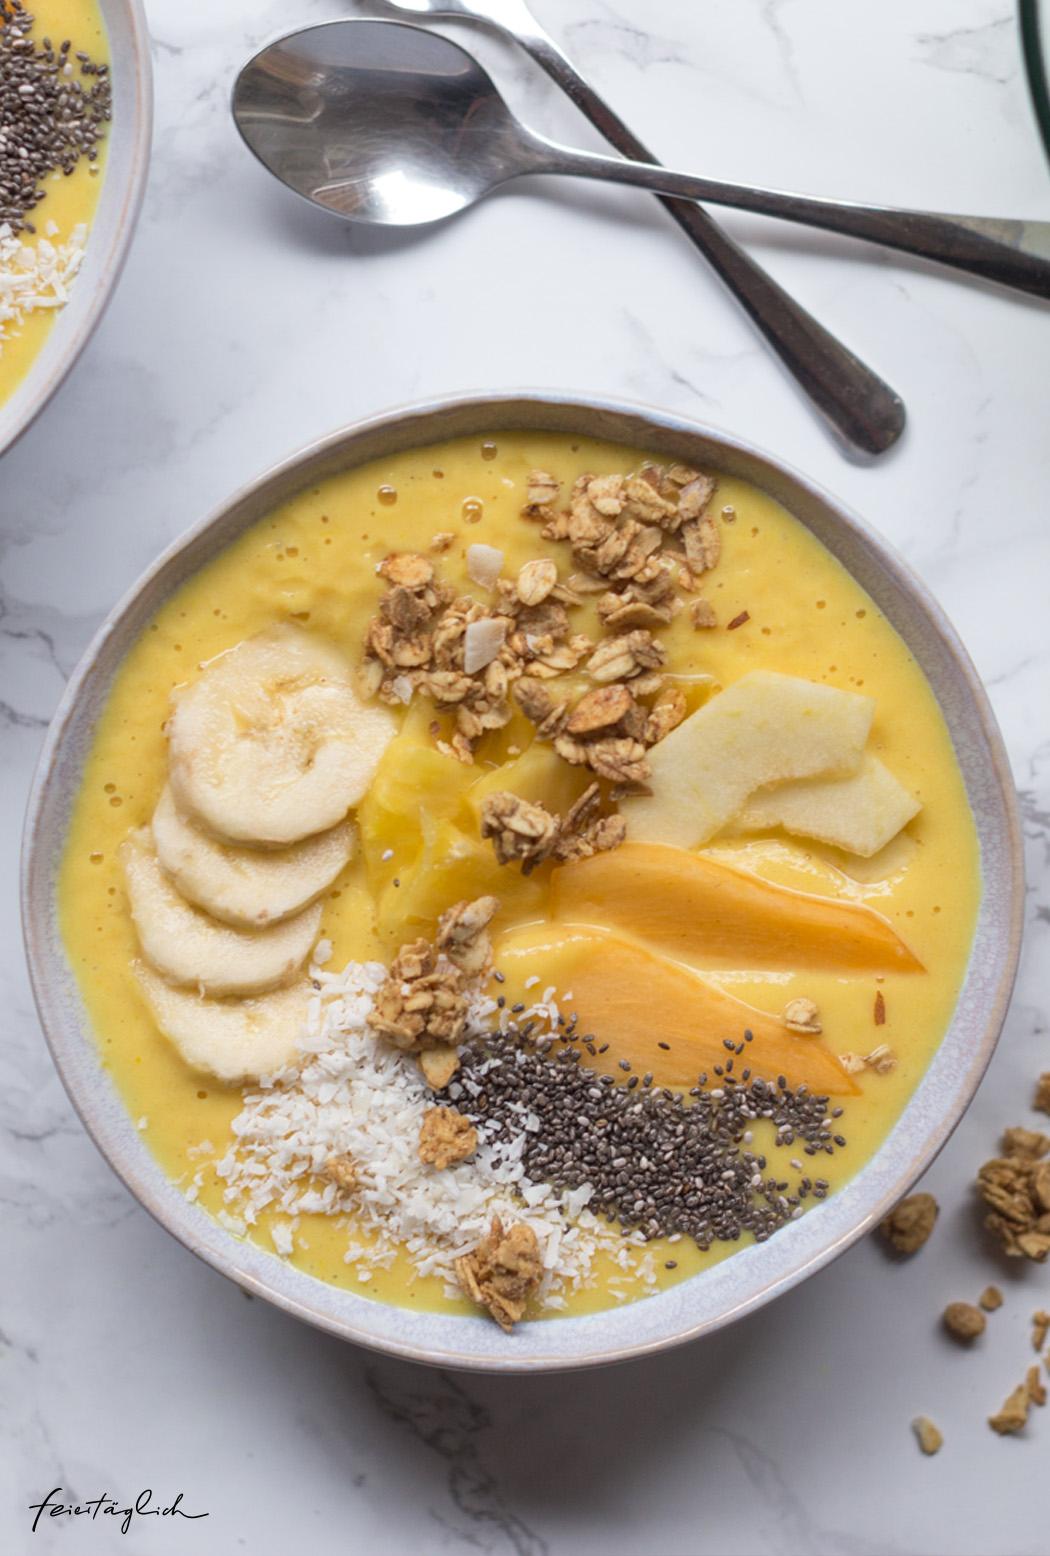 Goldene Smoothiebowl mit Kurkuma, die nach Sonne und guter Laune schmeckt, Good Vibes in der Schüssel